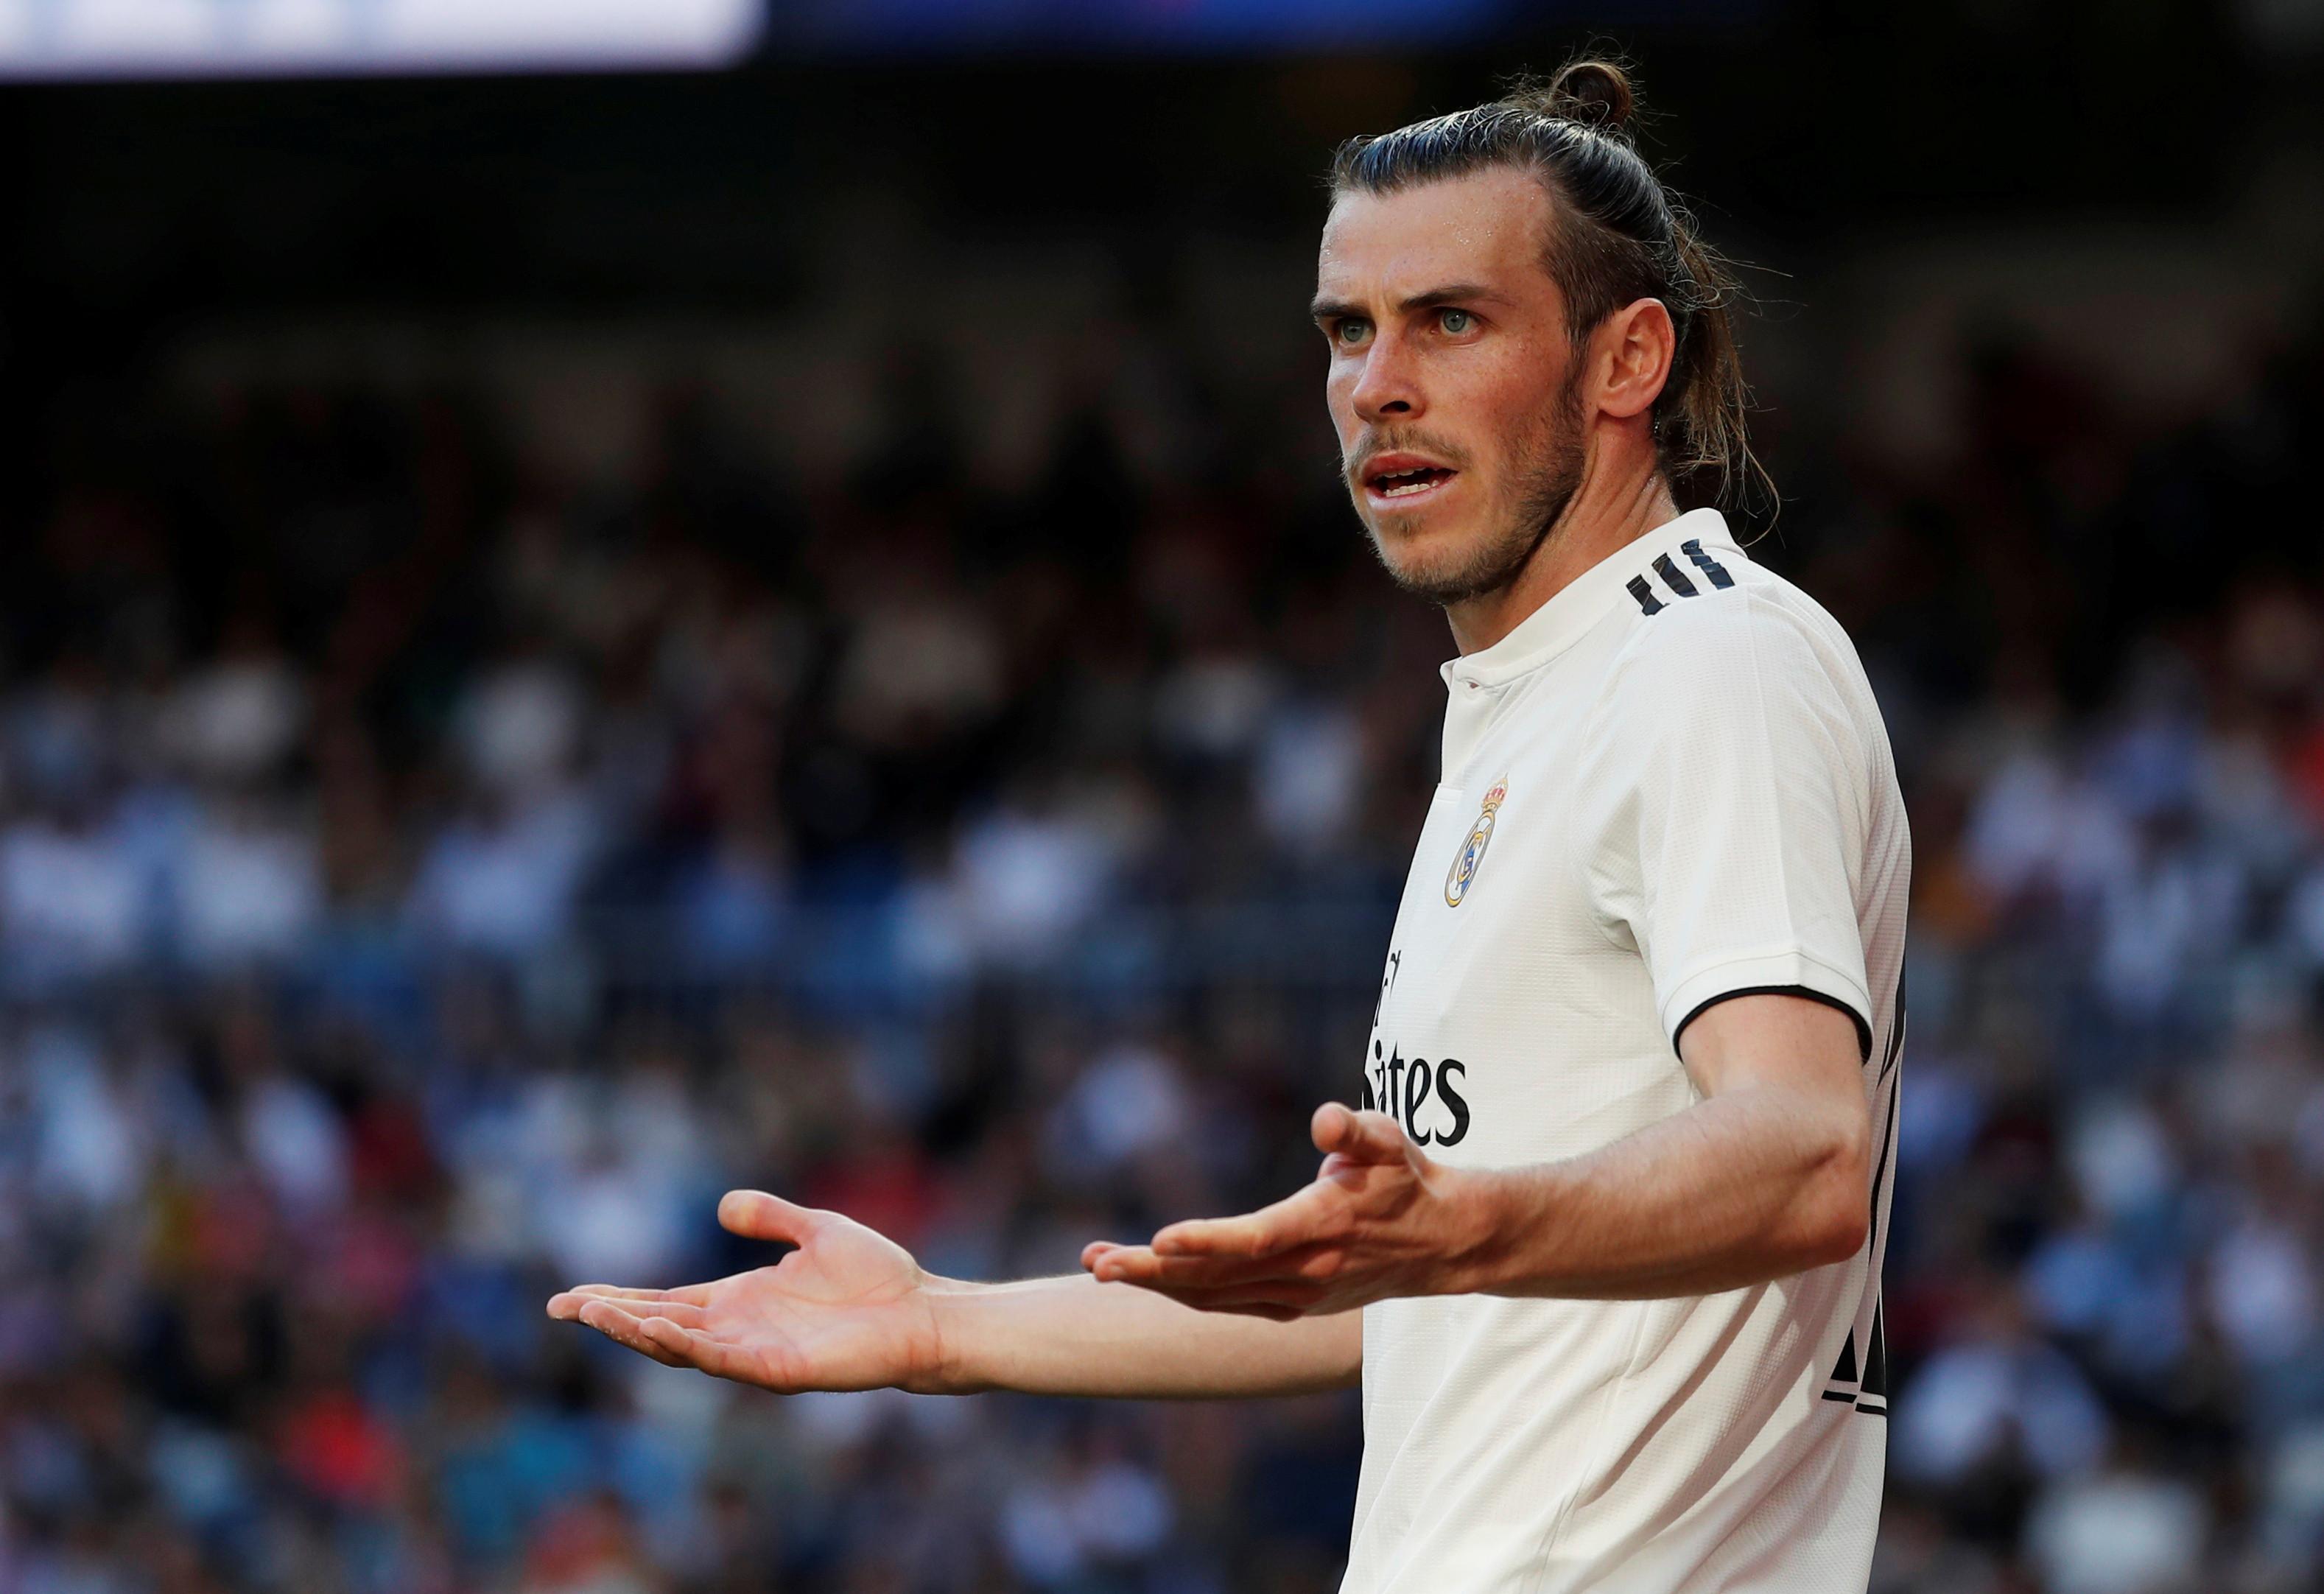 Real Madrid quer 'despachá-lo'... mas Bale não quer sair